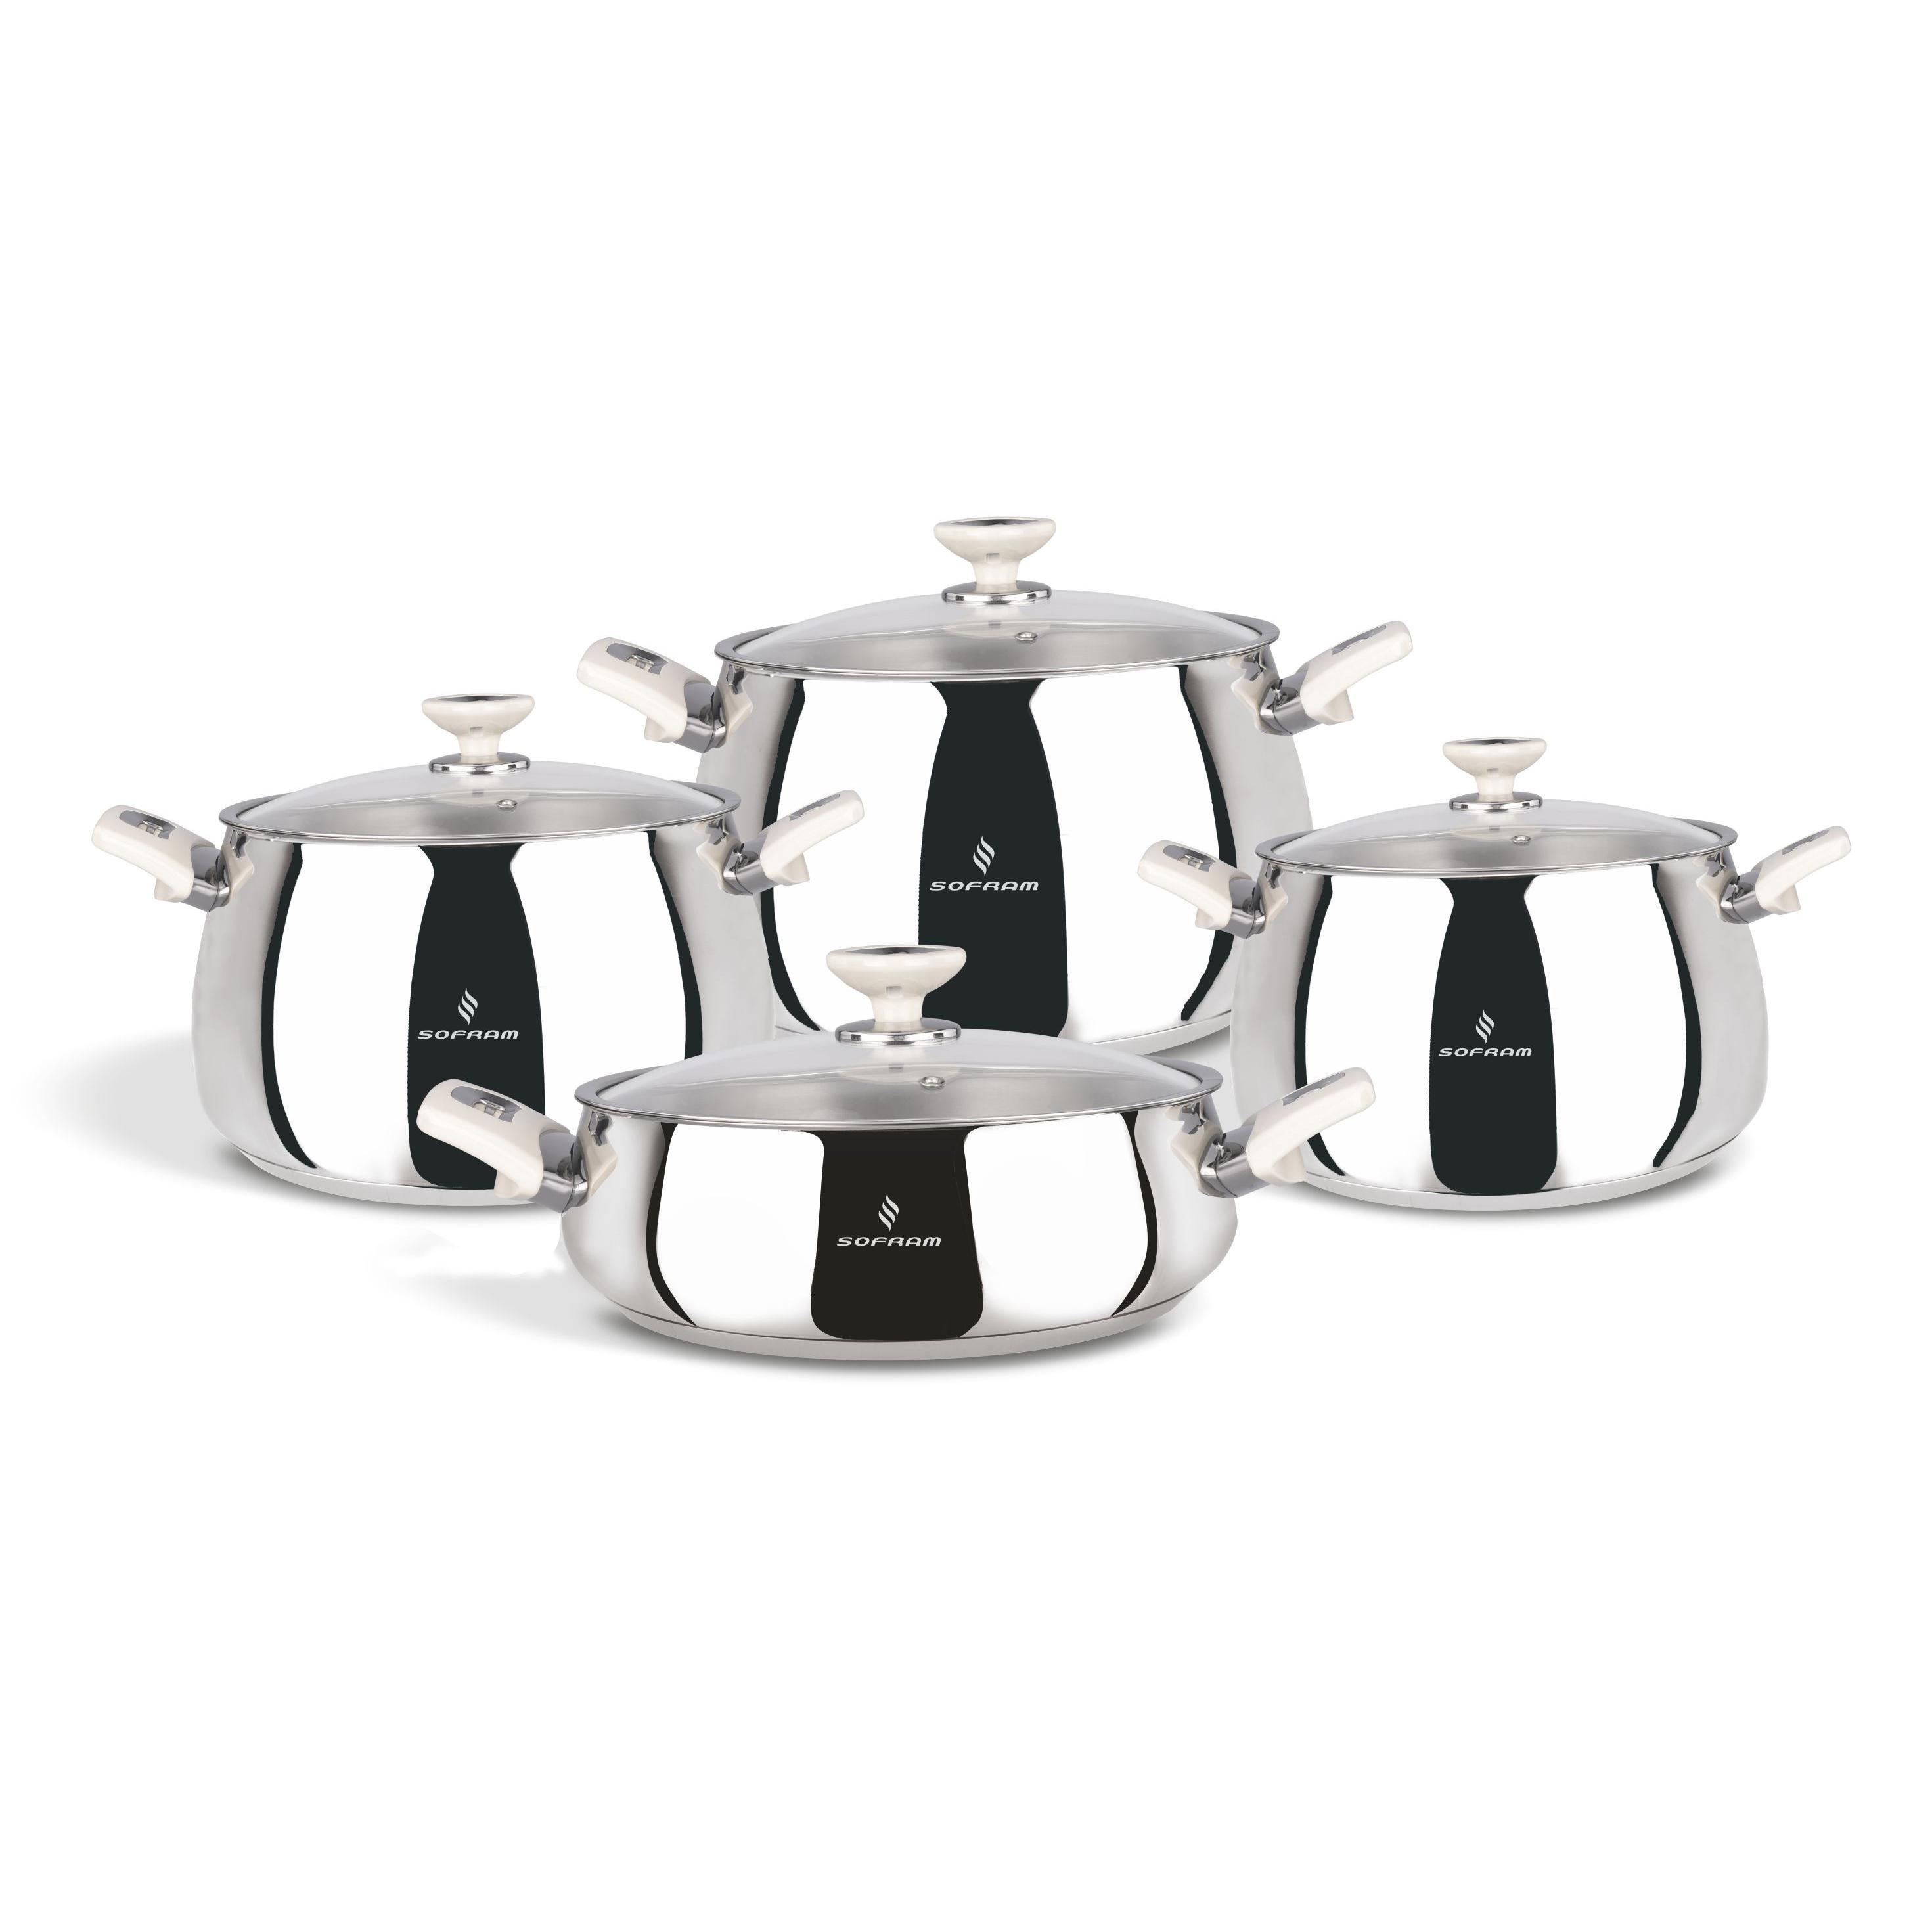 Sofram VENUS 8 Pieces Cream Cookware Set